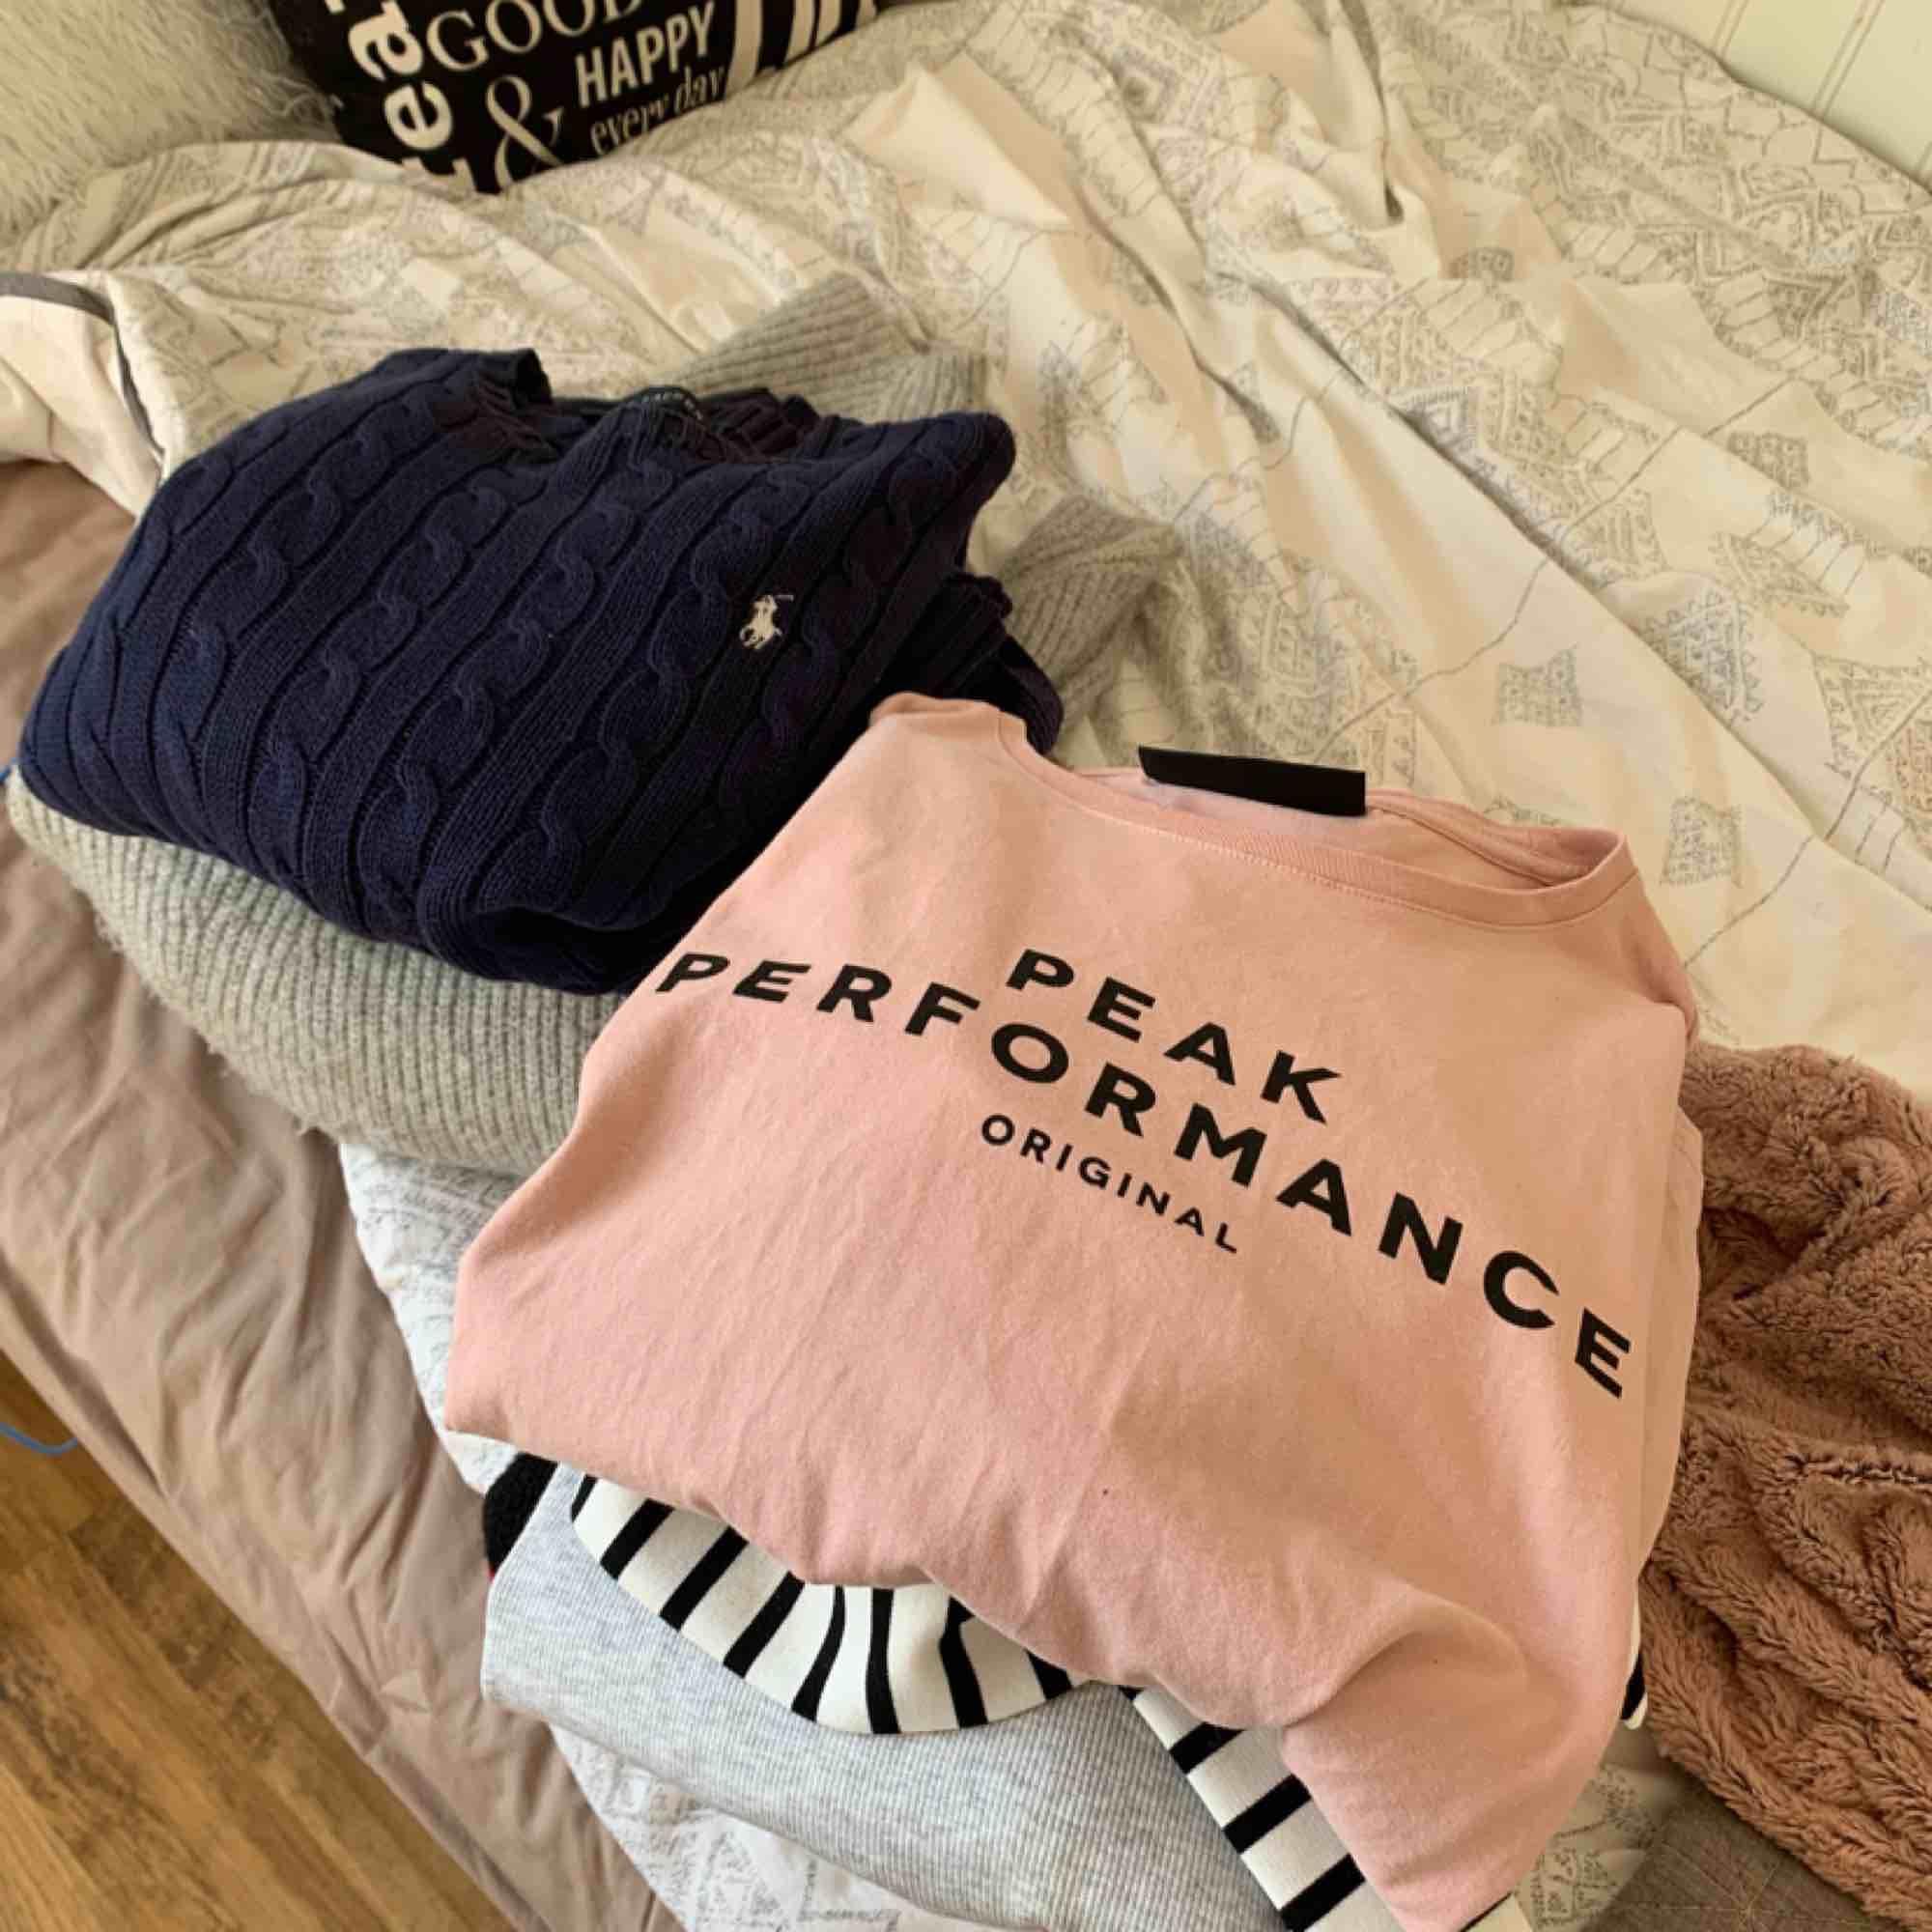 En hel del jeans och tröjor bland annat av märkena Morris lady, levis, peakperformance, Ralph lauren, nakd  mm. Tröjorna är blandade i storlekarna S-L och på jeans 27/28. Allt för 1000kr! Om du vill köpa något separat skriv isåfall. Tar emot swish . Toppar.